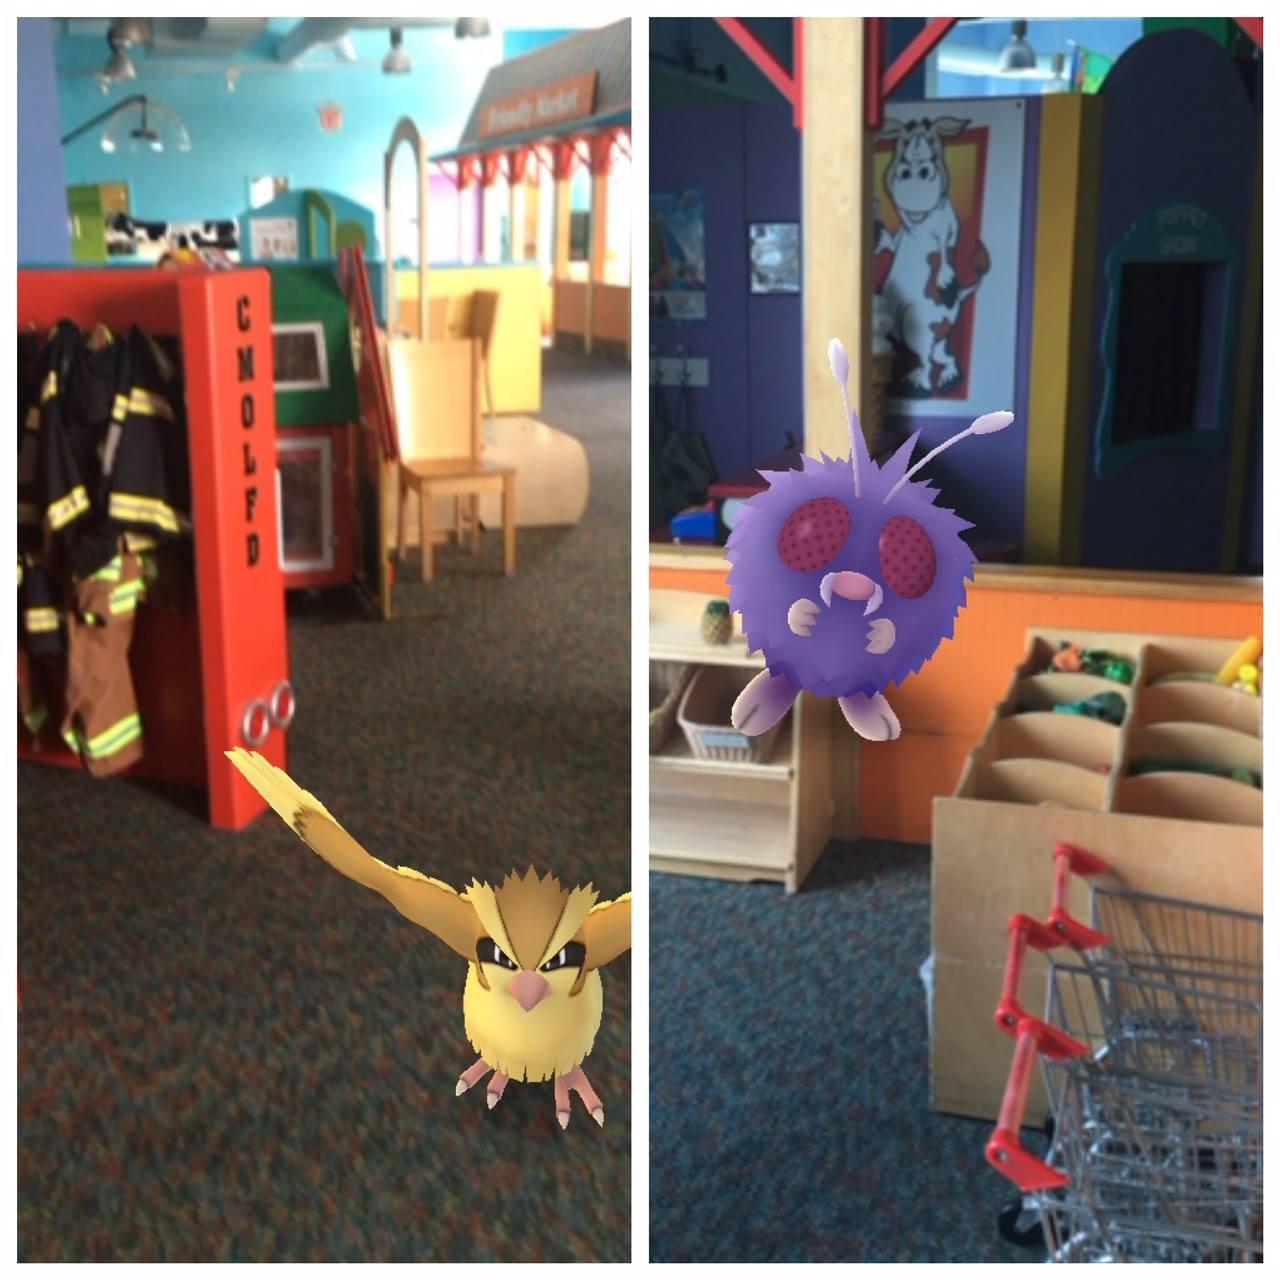 Childrens Museum In Oak Lawn Reviews And Ratings Oak